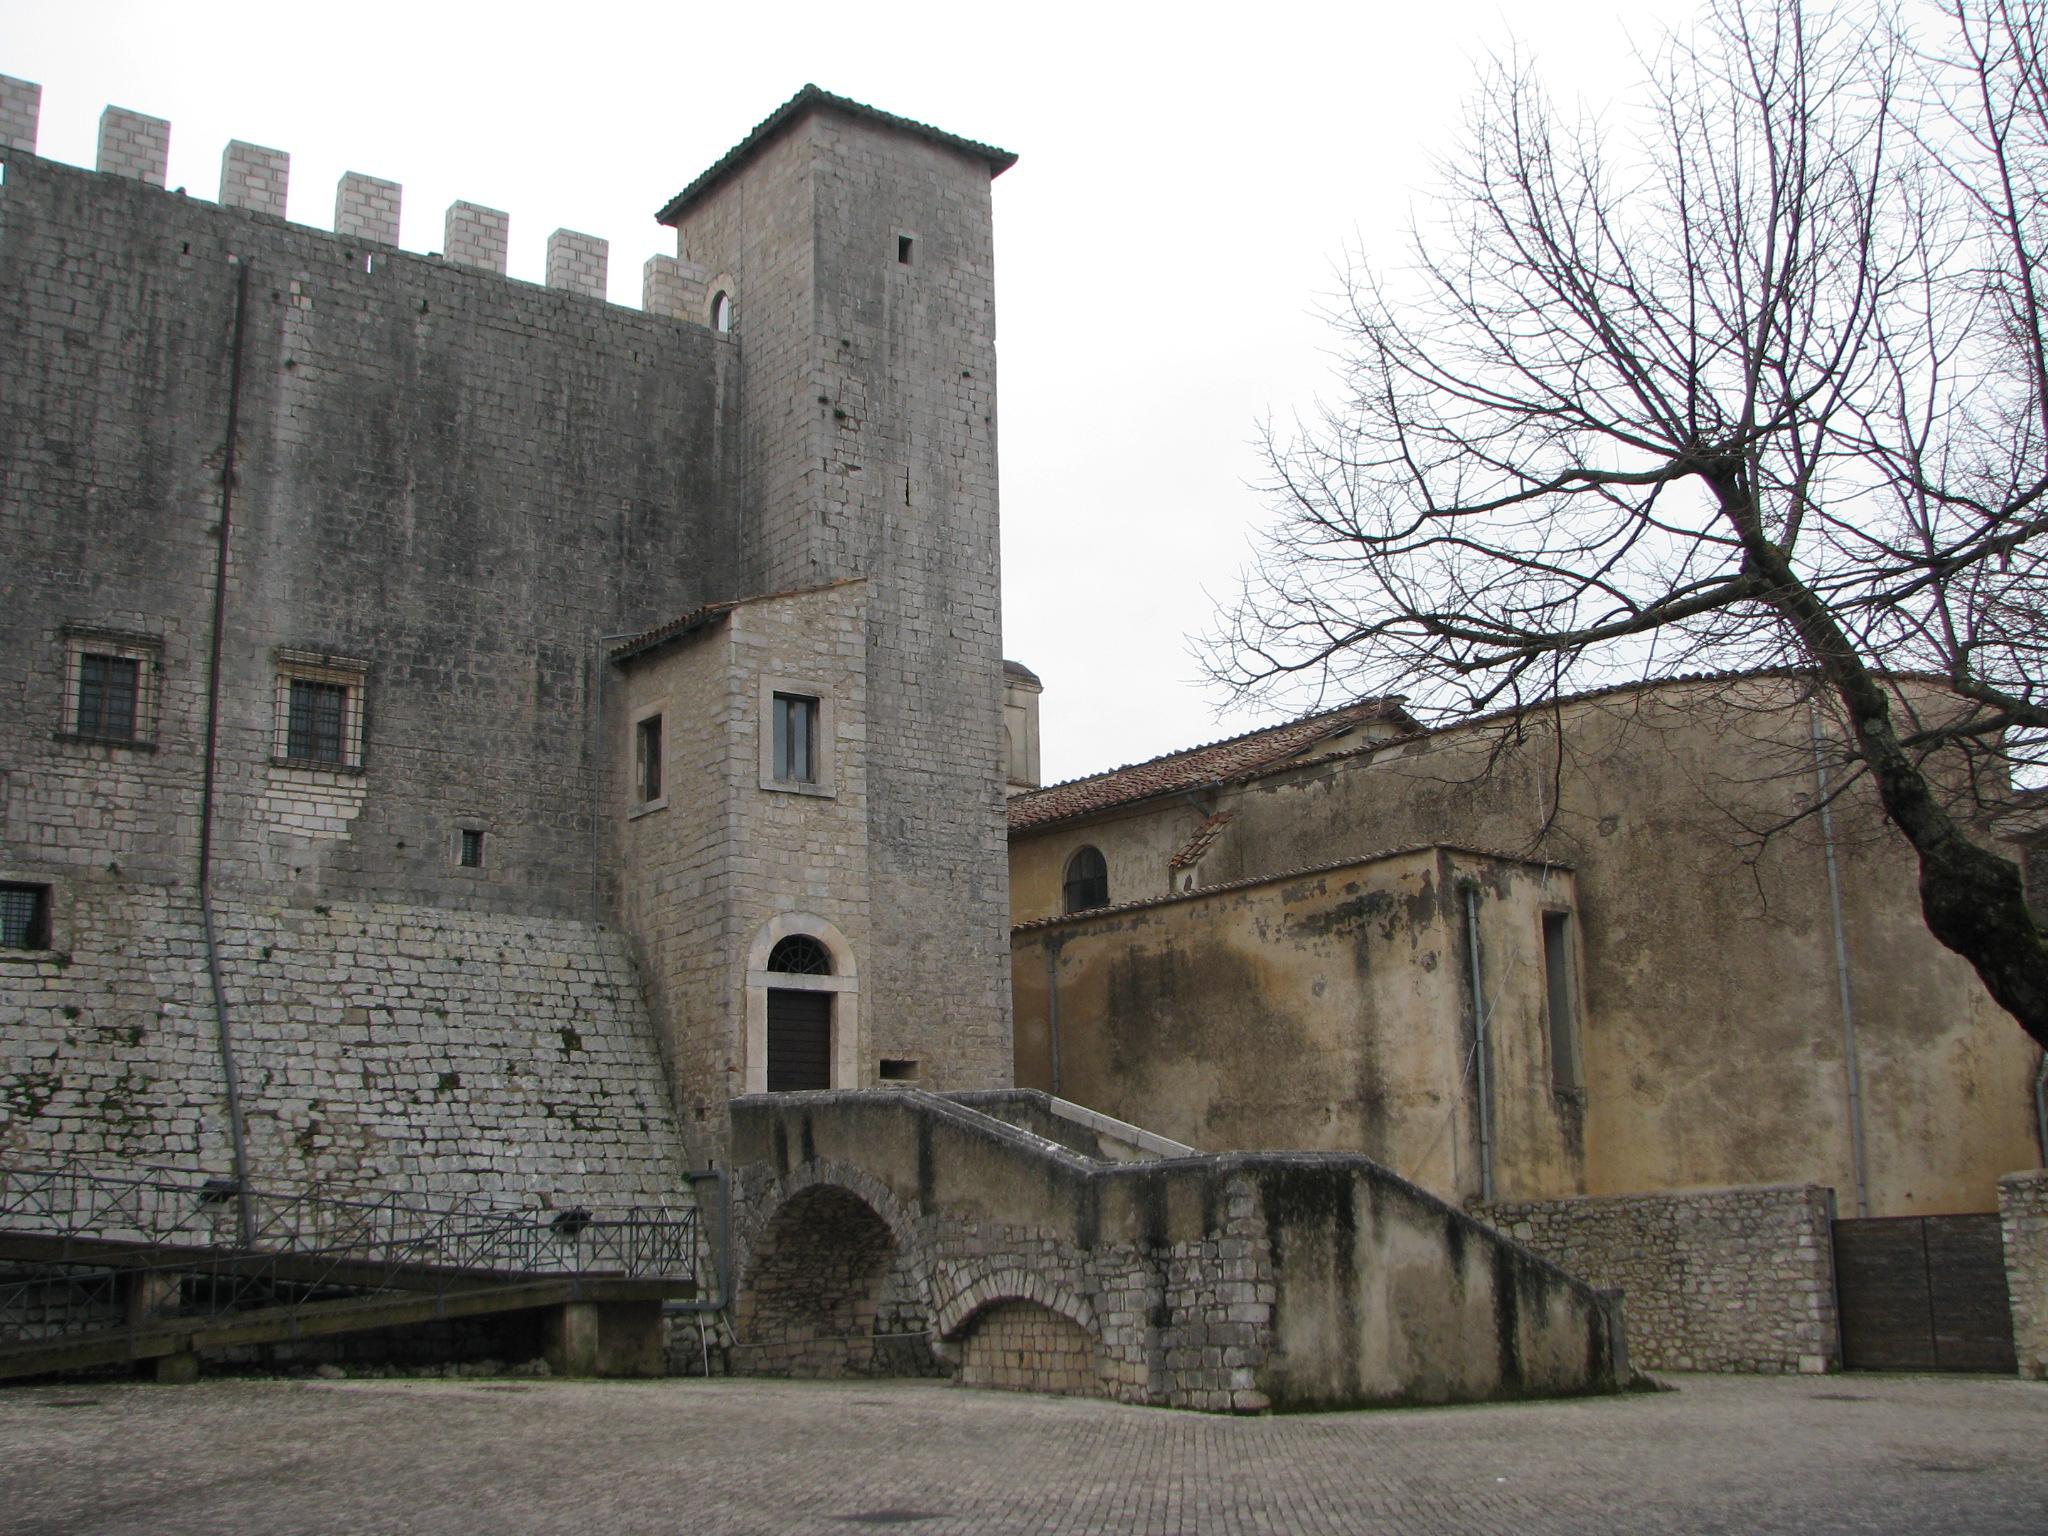 castello_baronale_di_maenza_1_1546874734